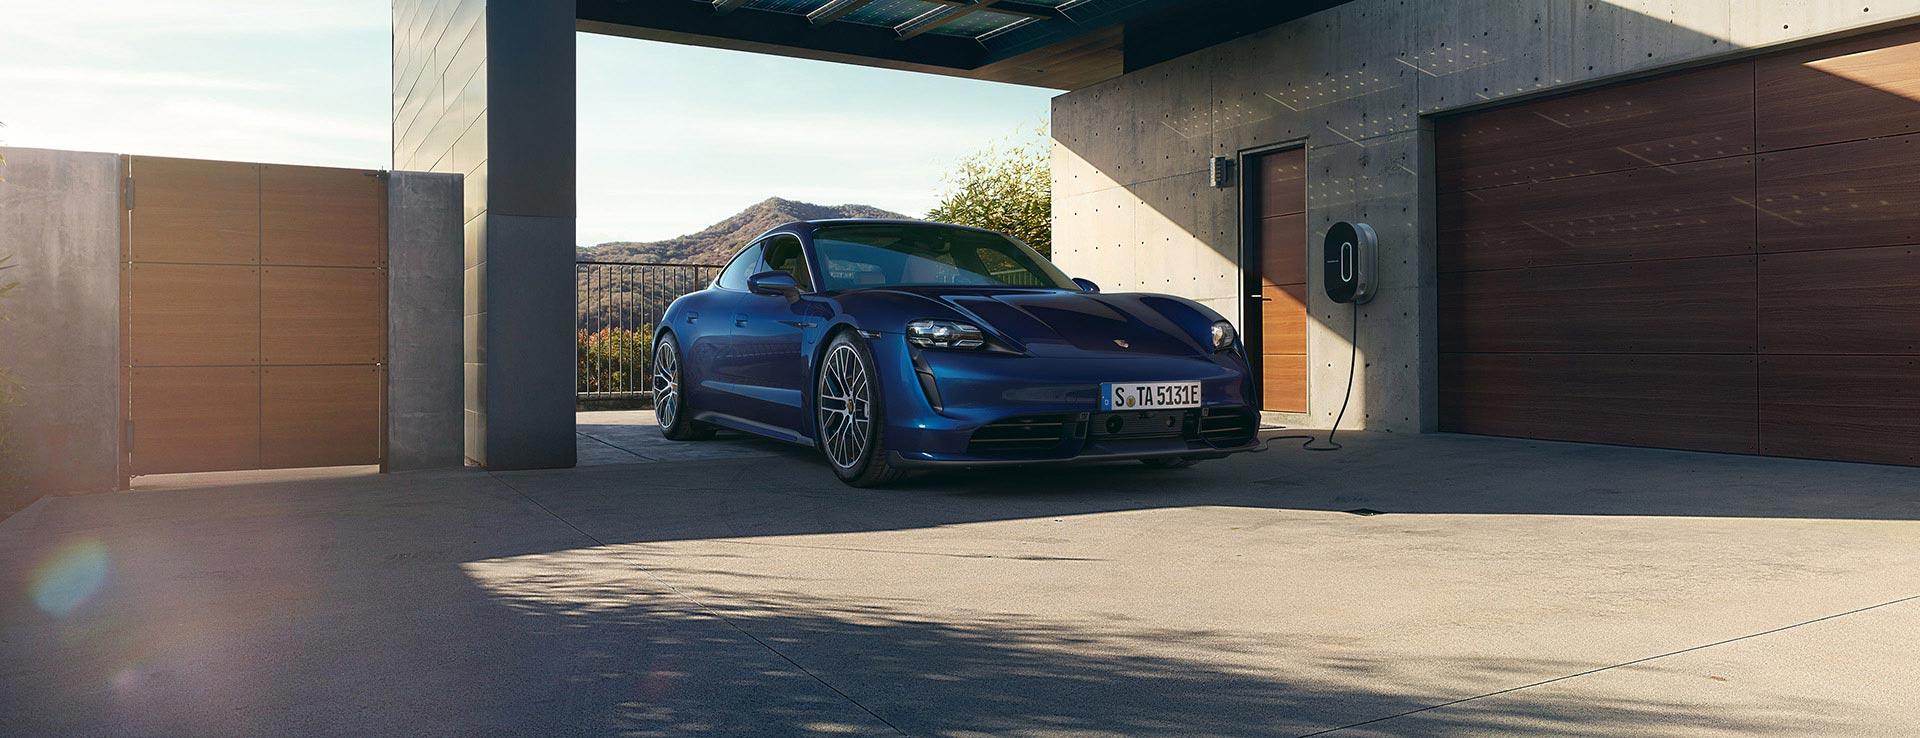 Porsche Türkiye - Sportif Araç Deneyimi pour Chassis Jardin